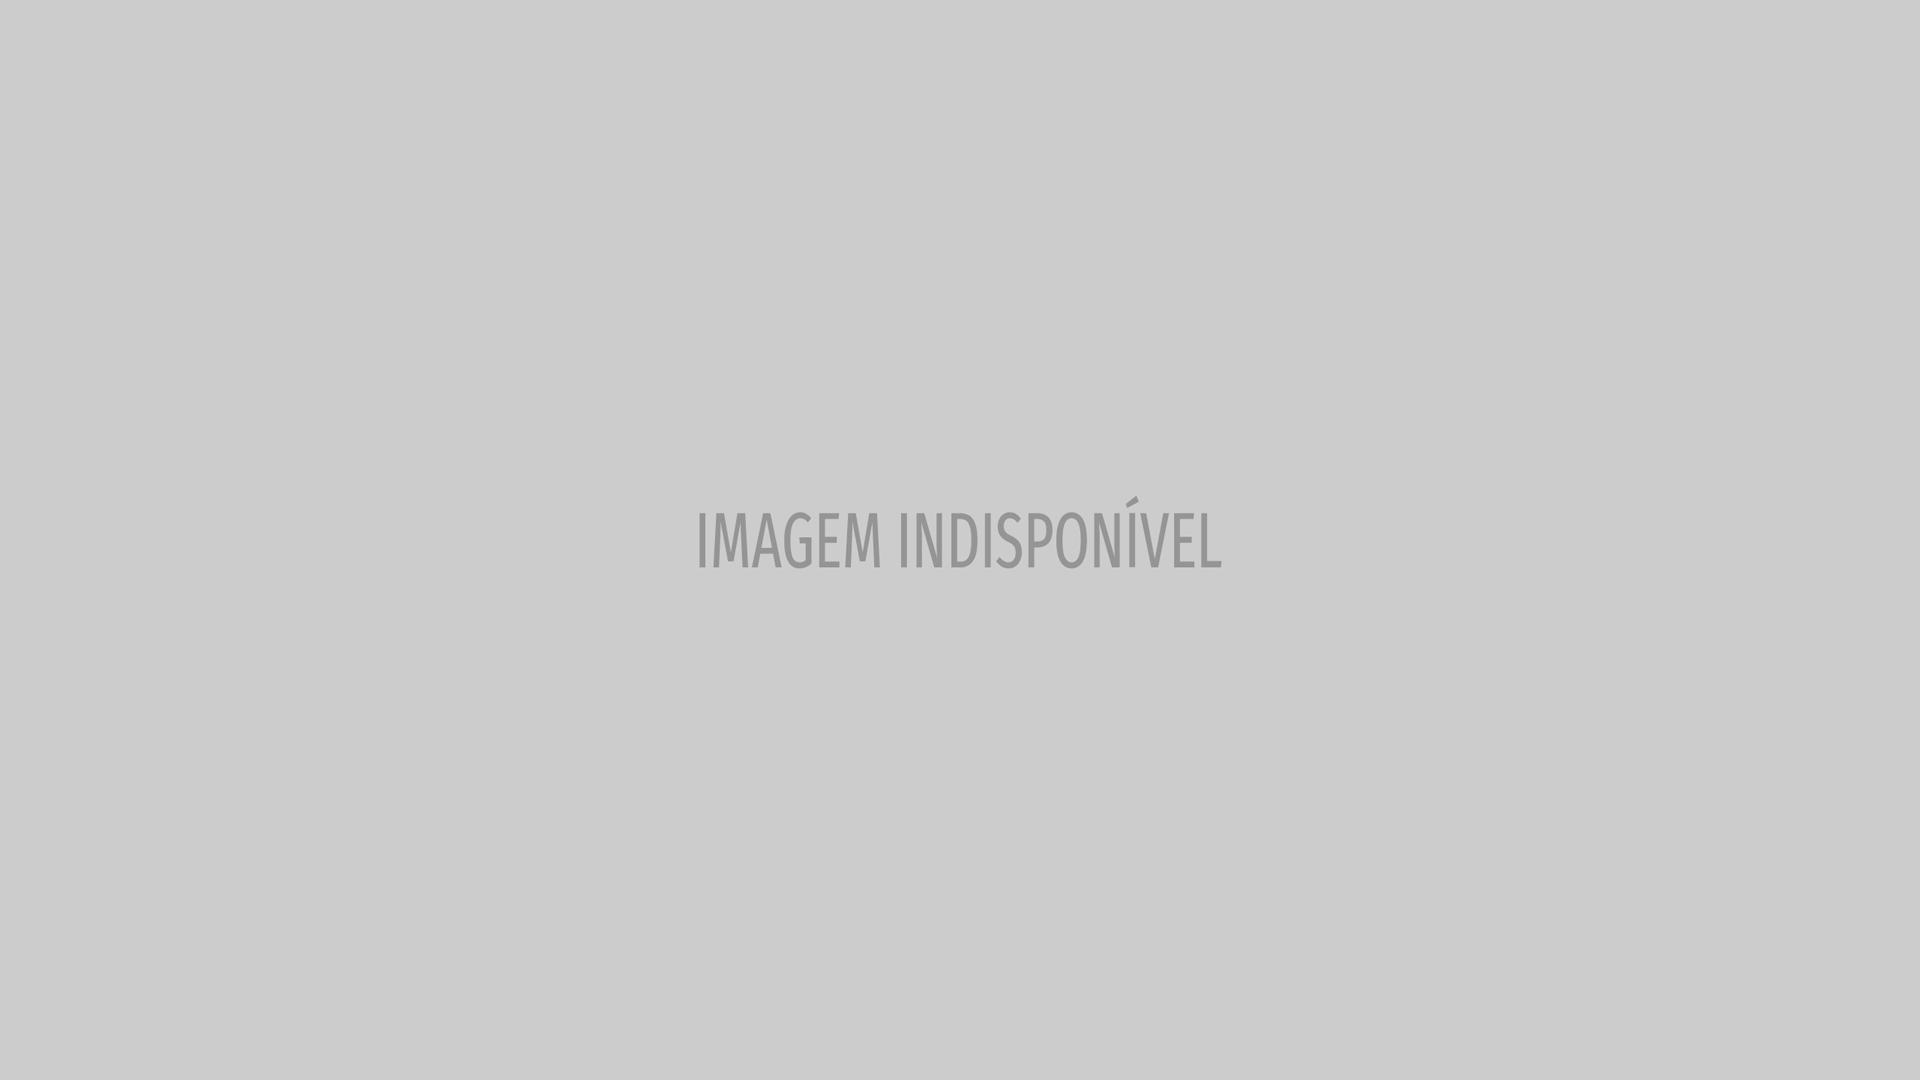 Astronauta posta foto de Barcelona vista do espaço e lamenta ataque